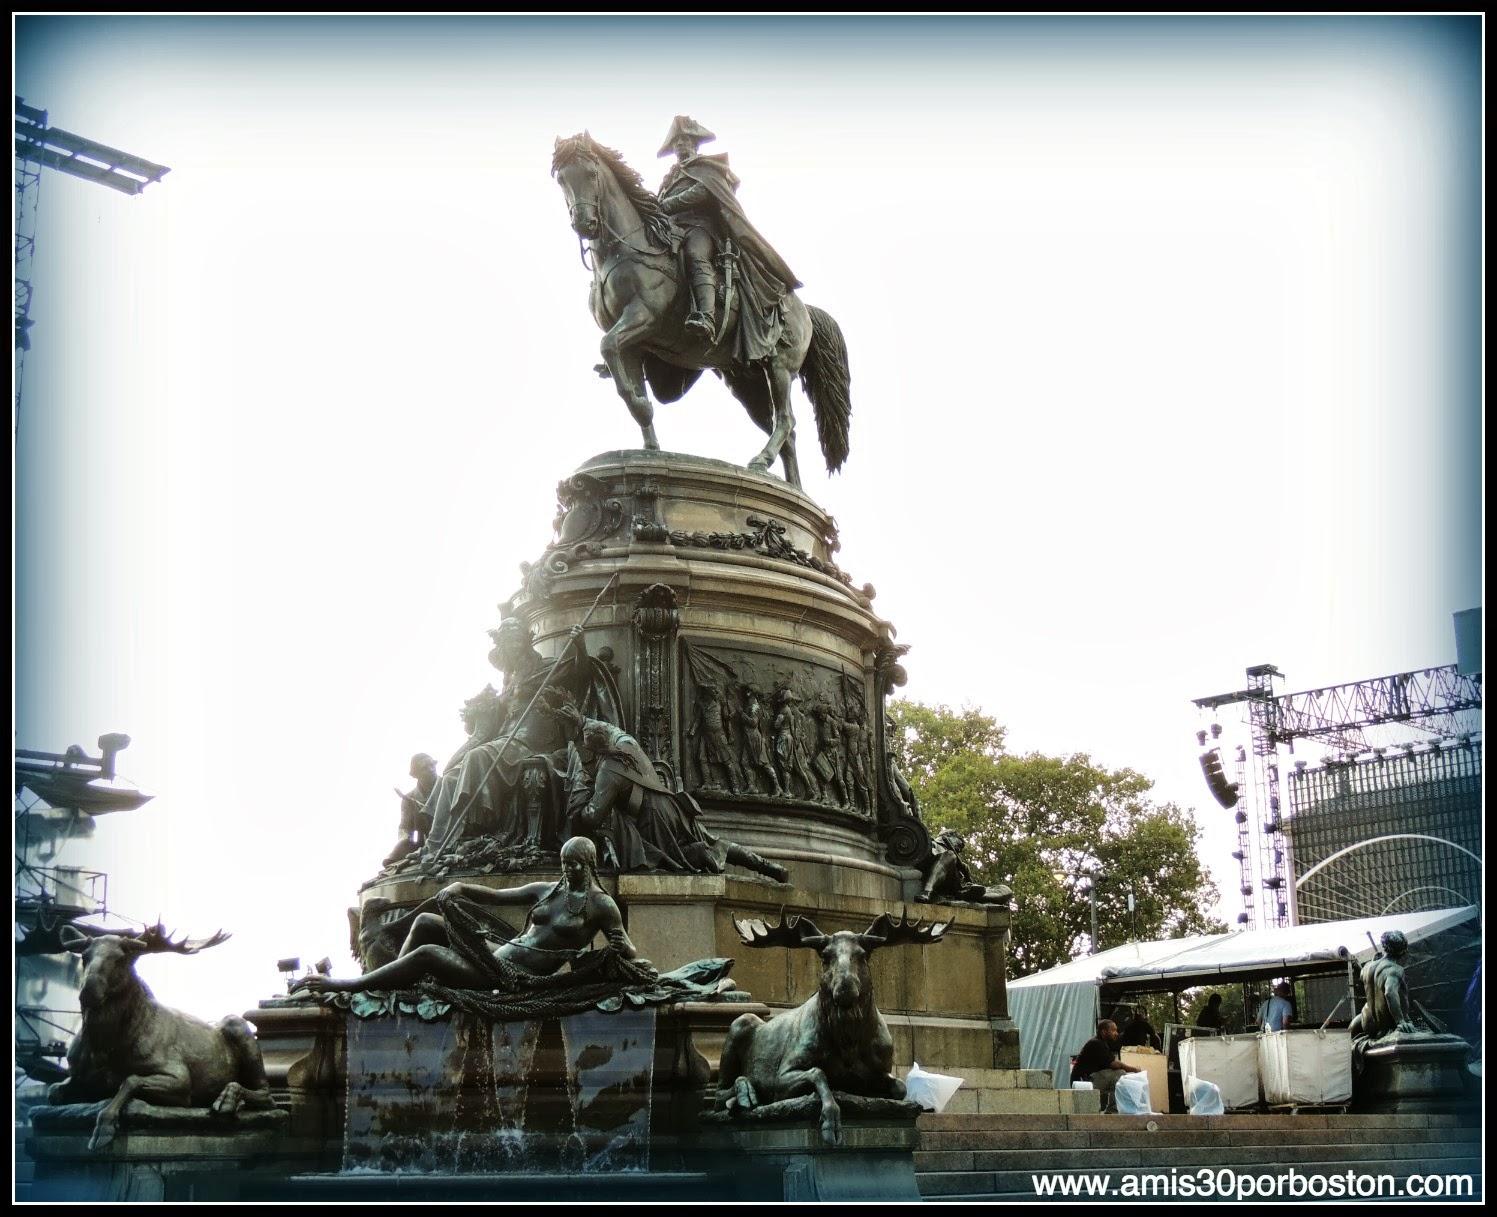 Filadelfia: Eakins Oval